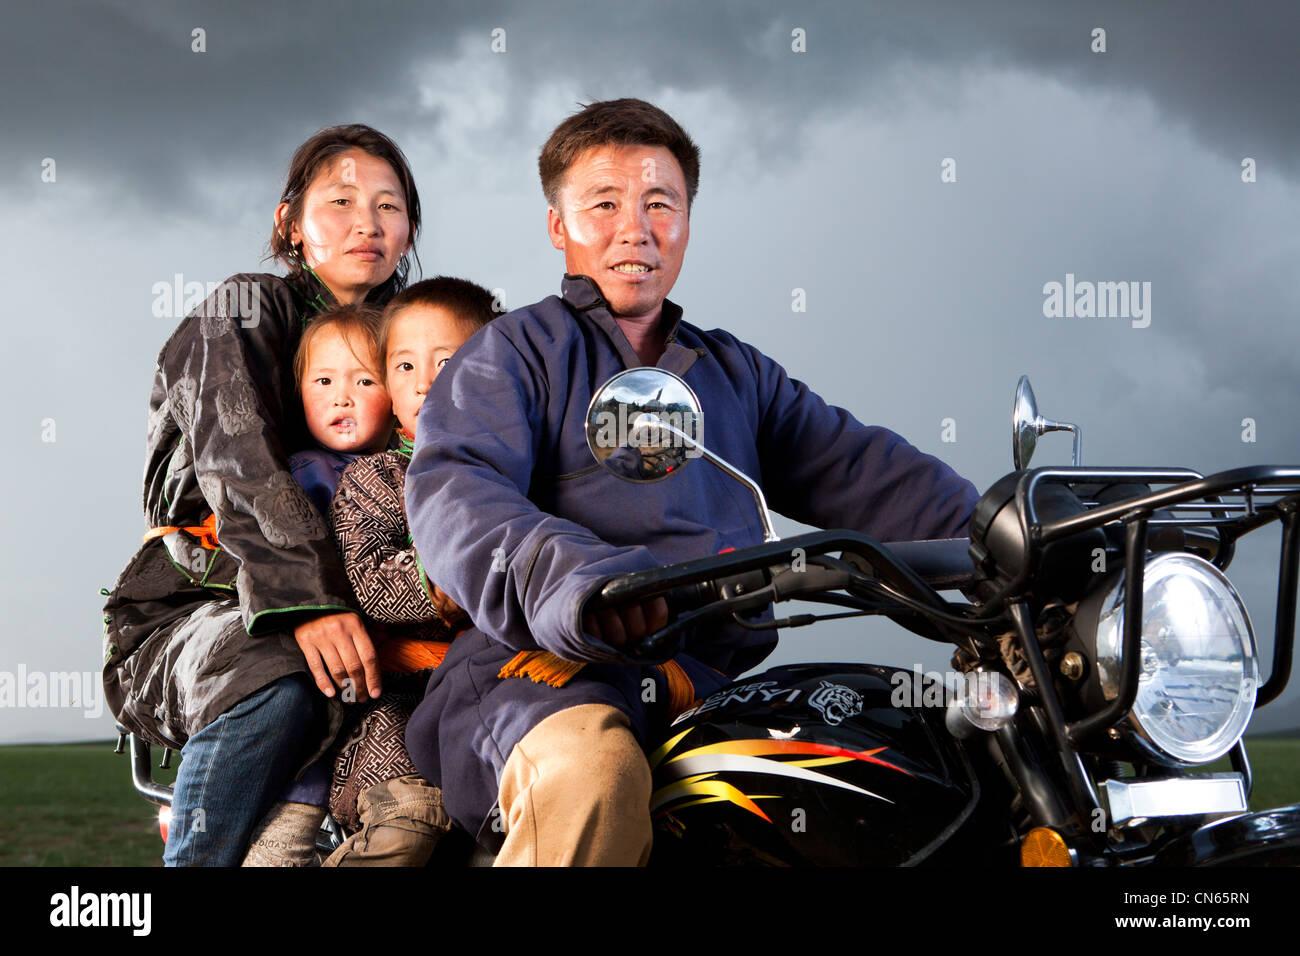 Famiglia mongola sulla moto, khuduu aral, khentii provincia, Mongolia Immagini Stock